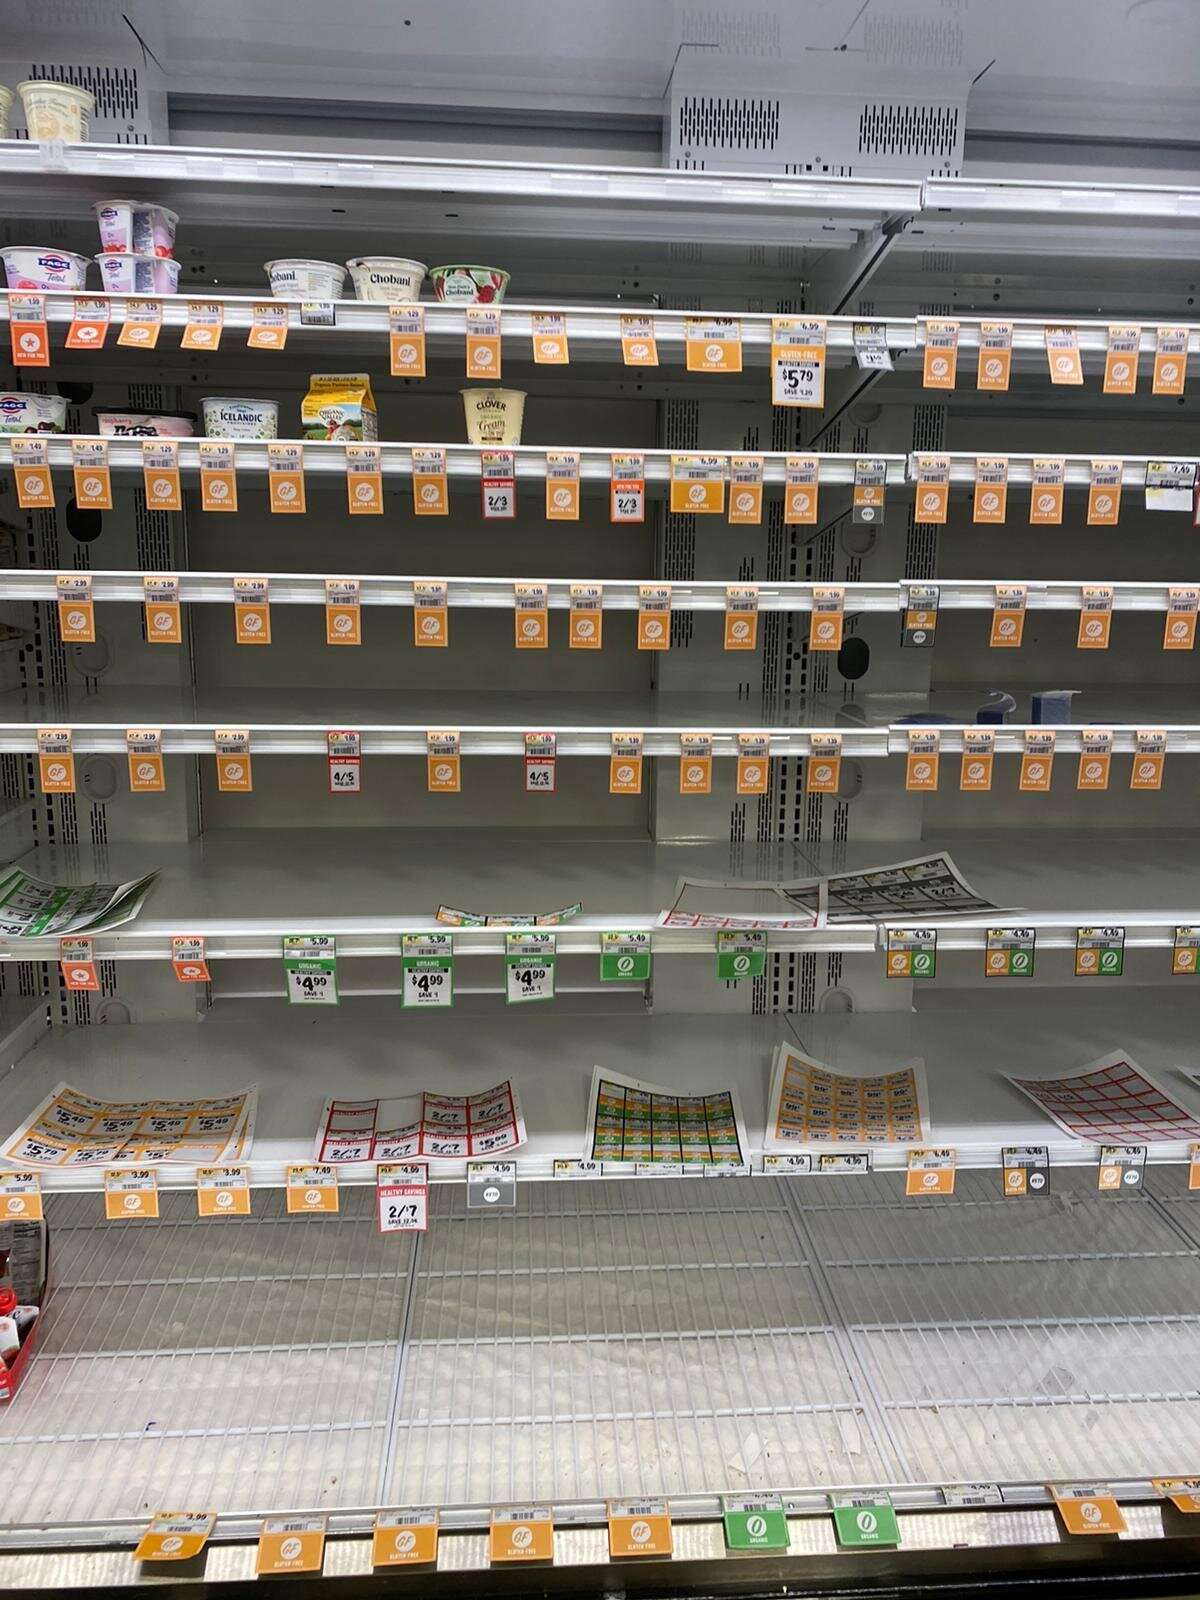 Самал Фримонт қаласындағы супермаркеттерде кейбір өнімдер тапшы екенін айтты